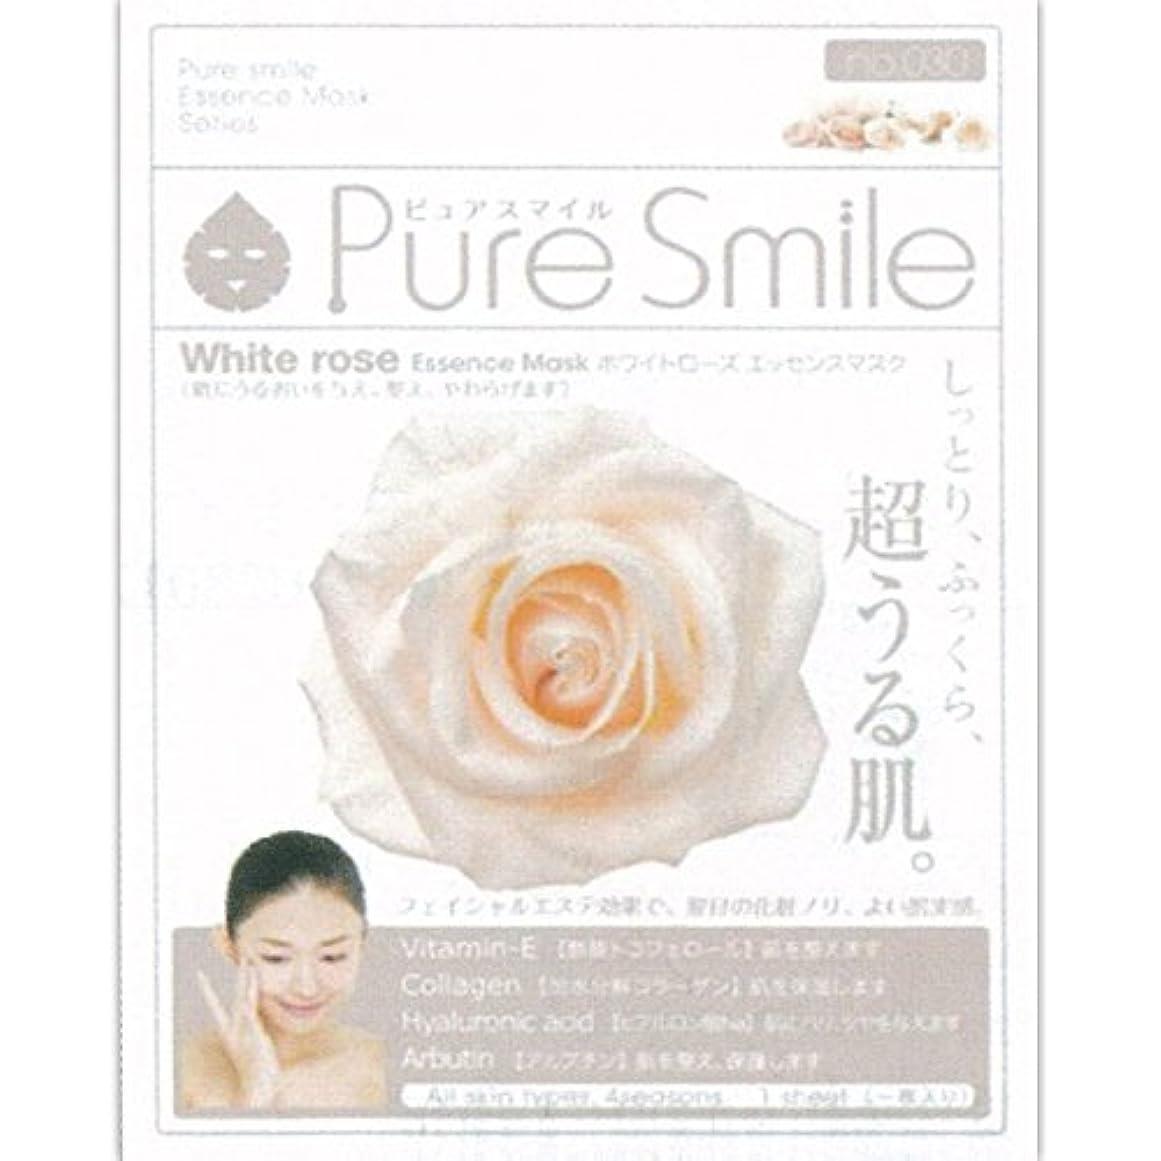 吐くクラウドボットPure Smile(ピュアスマイル) エッセンスマスク 『ホワイトローズ』 FACE-MASK-030